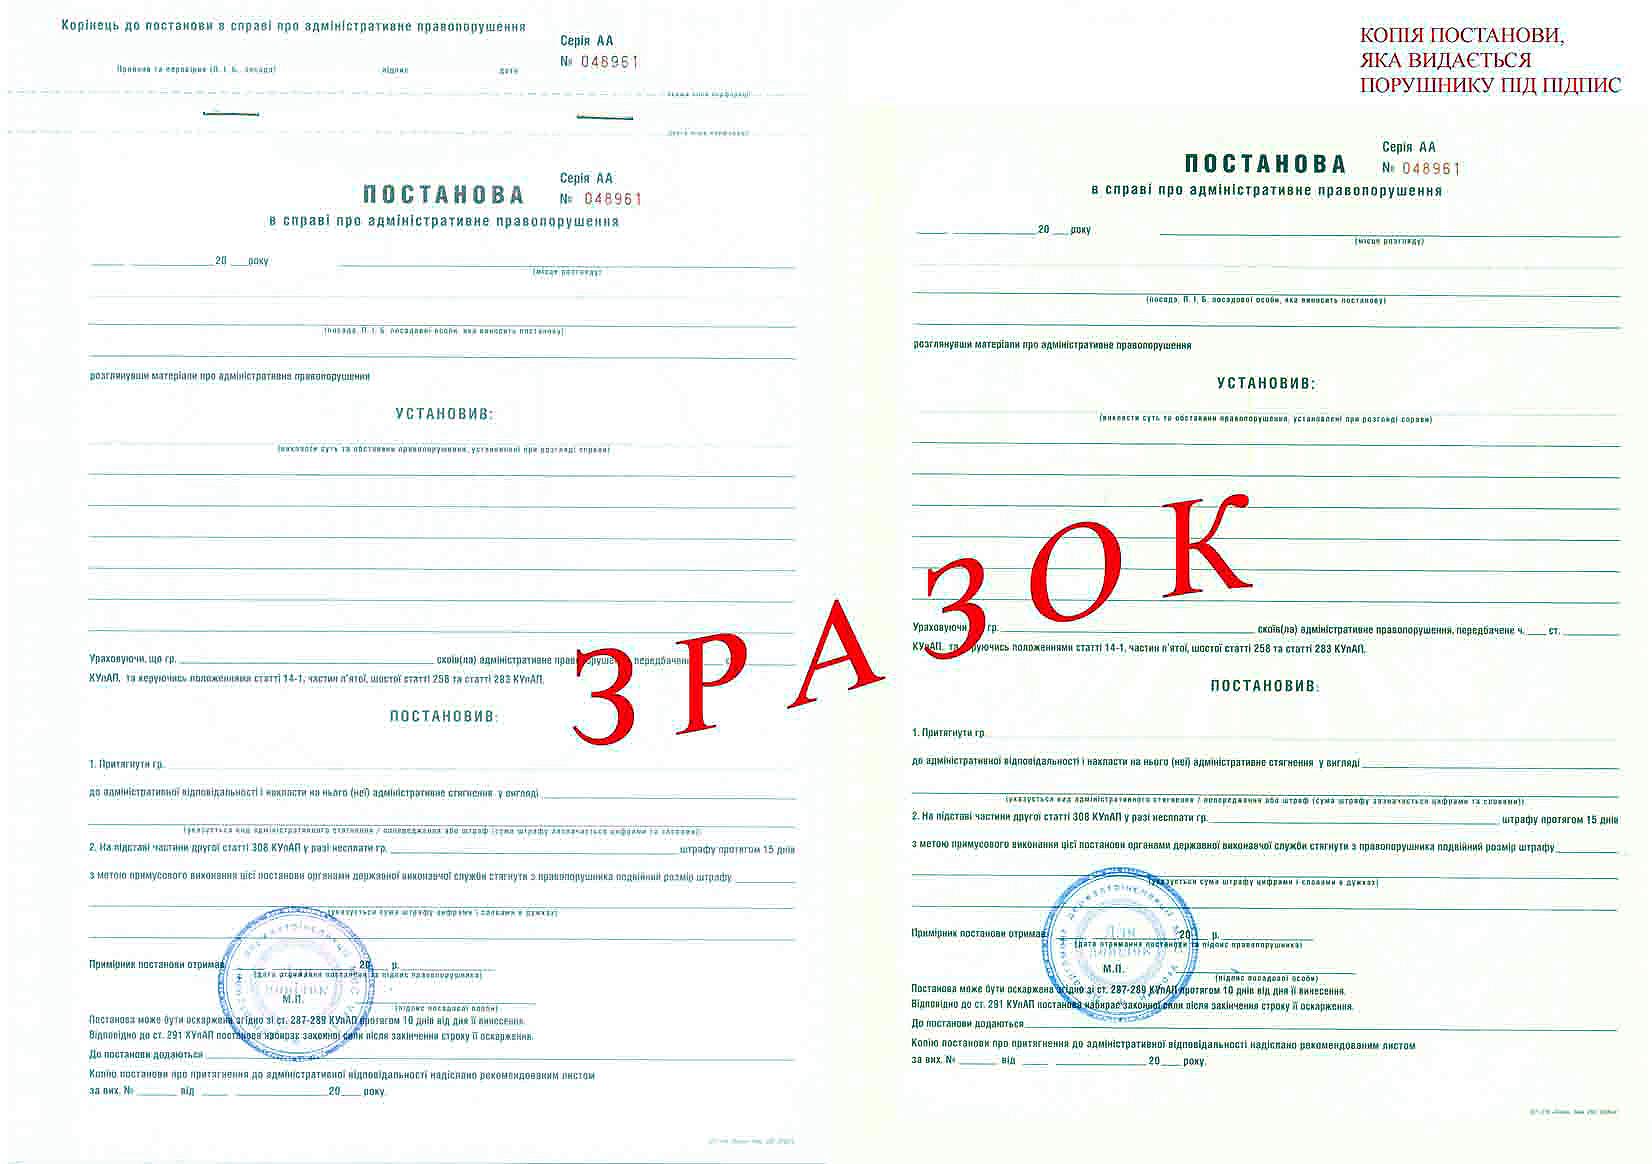 бланк на уплату административного штрафа дпс